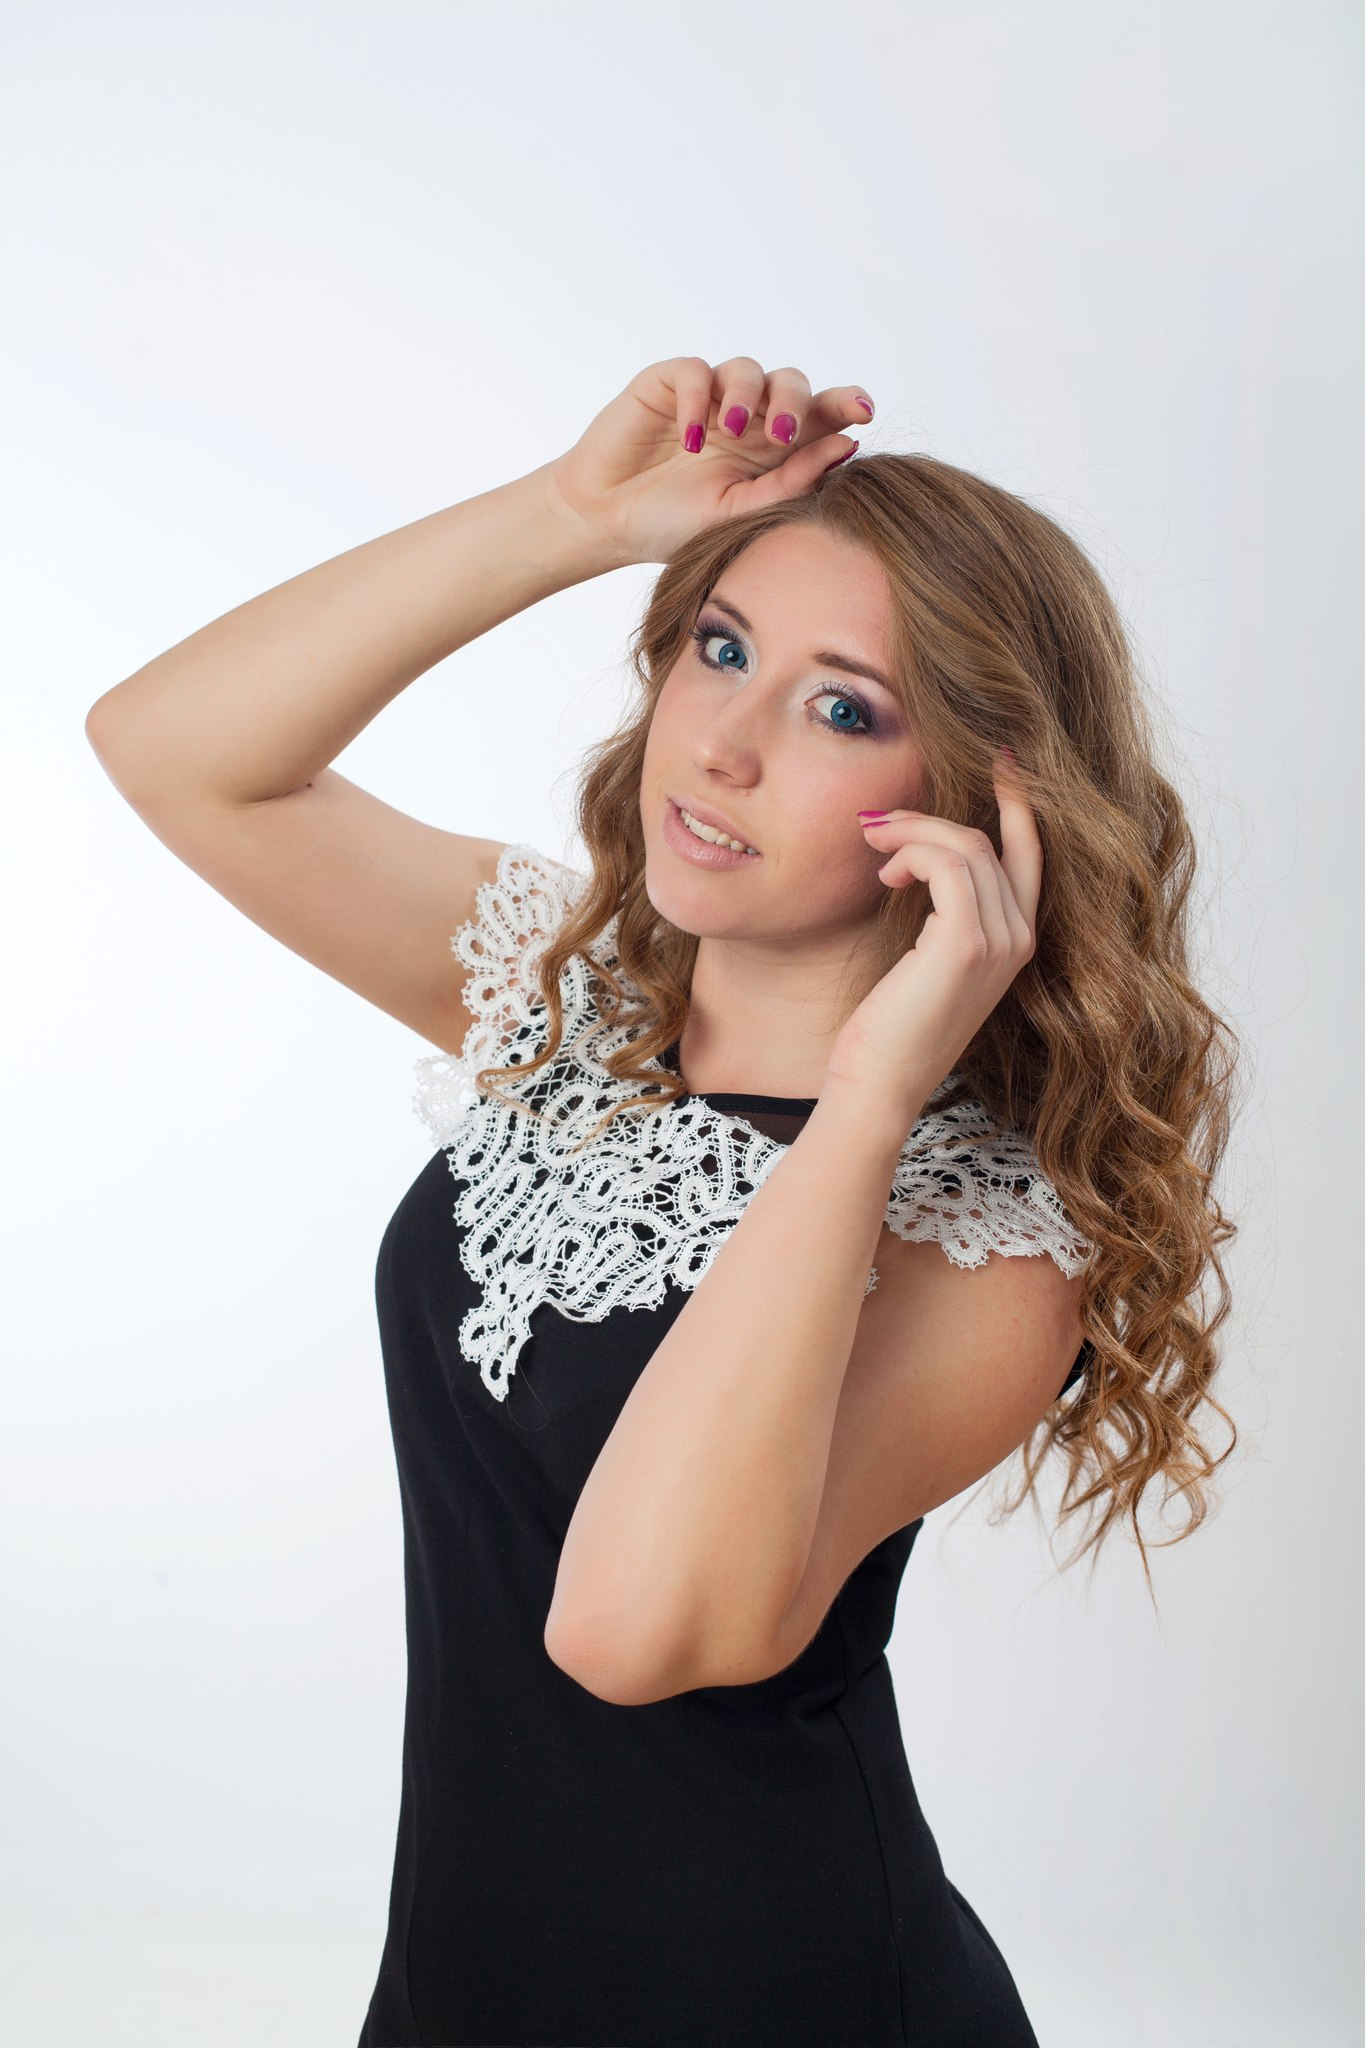 редко актриса екатерина дмитриева фото подготовленную